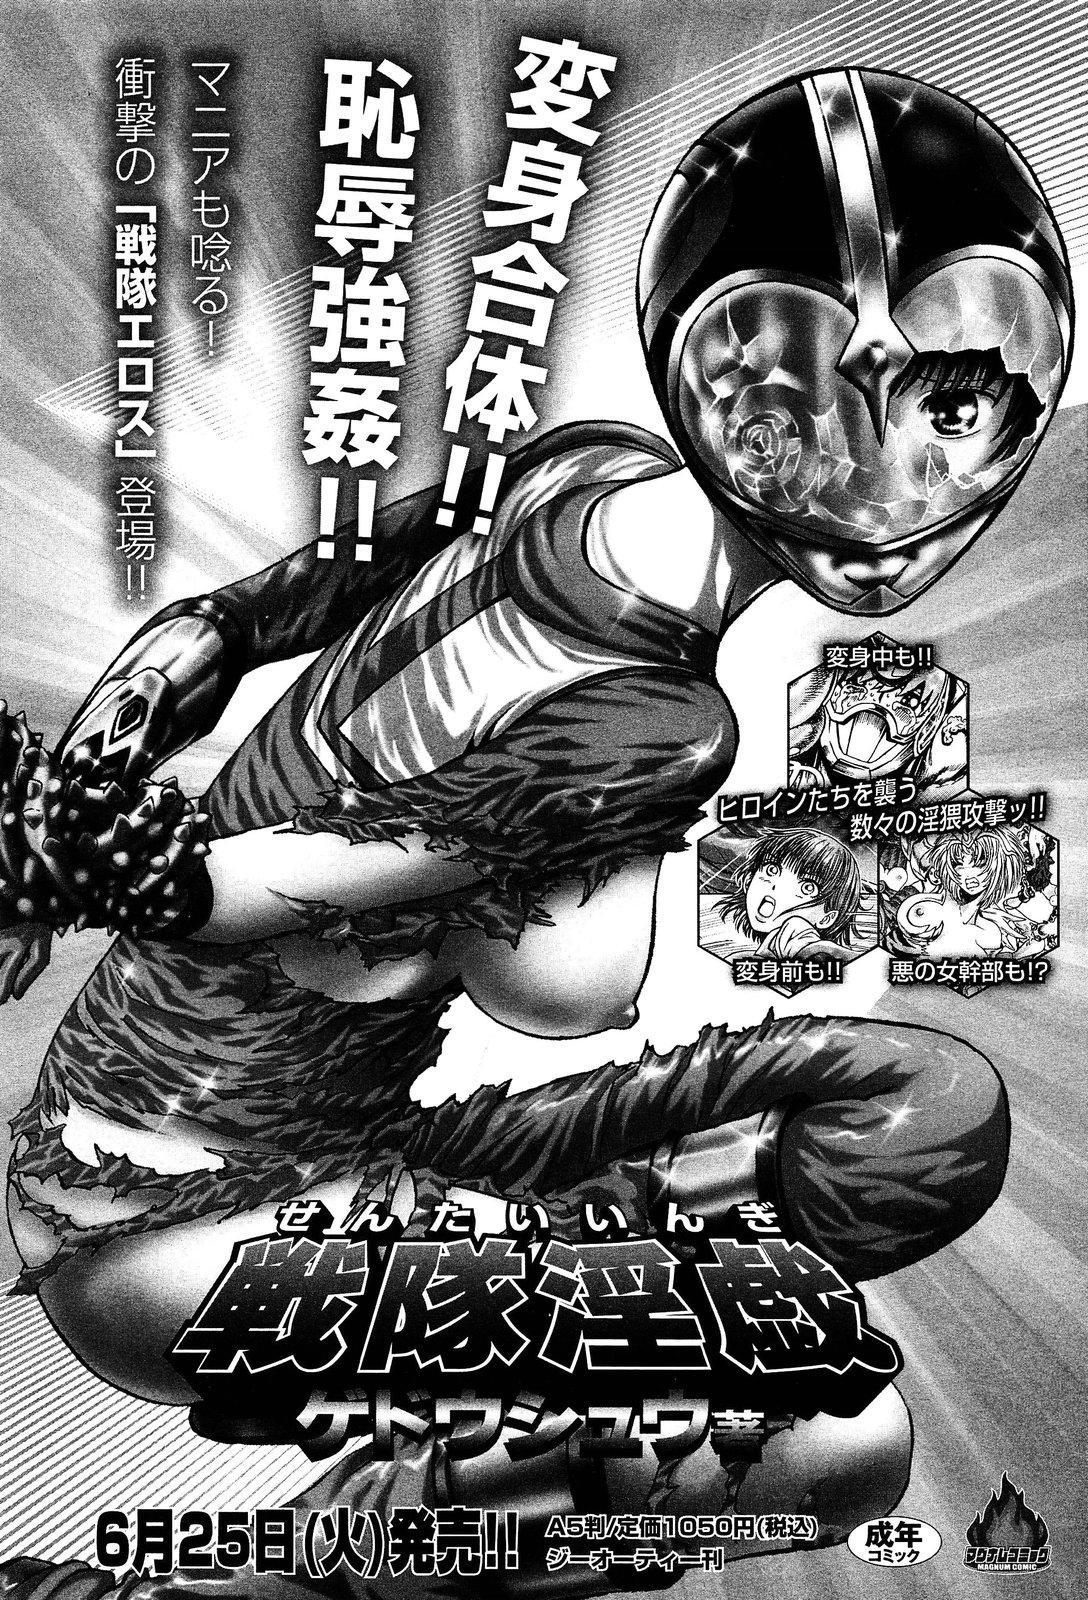 COMIC Anthurium 002 2013-06 341